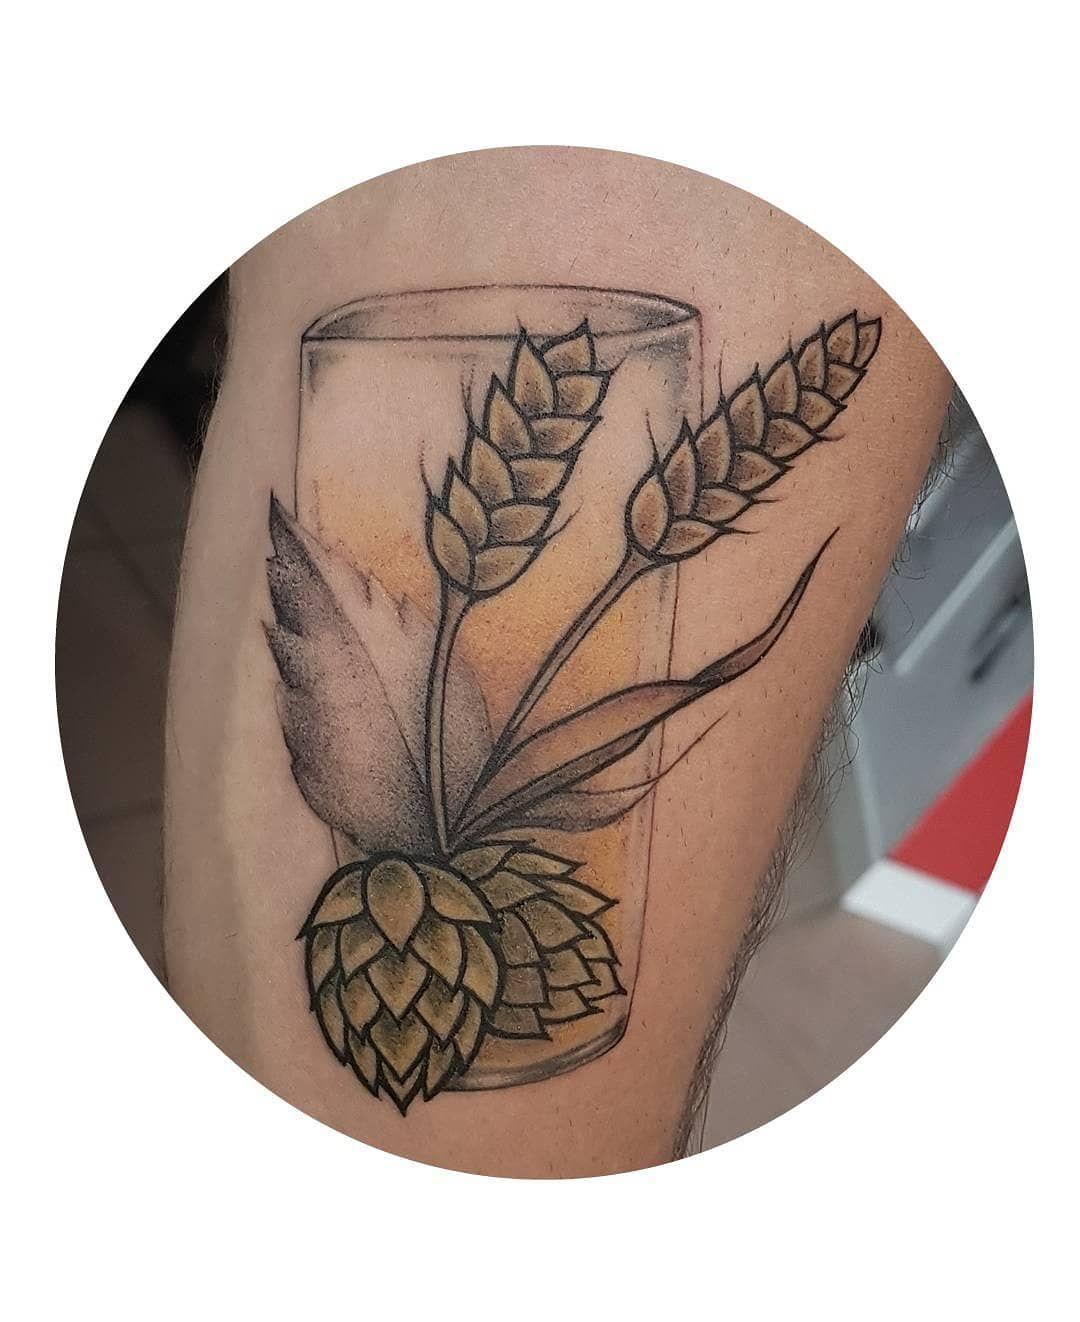 """Vania on Instagram: """"♡Repost♡ True Passion♡Thank u Gio♡ #amazingink #tattoos #tattoo #tattooed #tattedup #tattooart #tatuaje #tatouage #tatuaggi #tattooing #art…"""""""